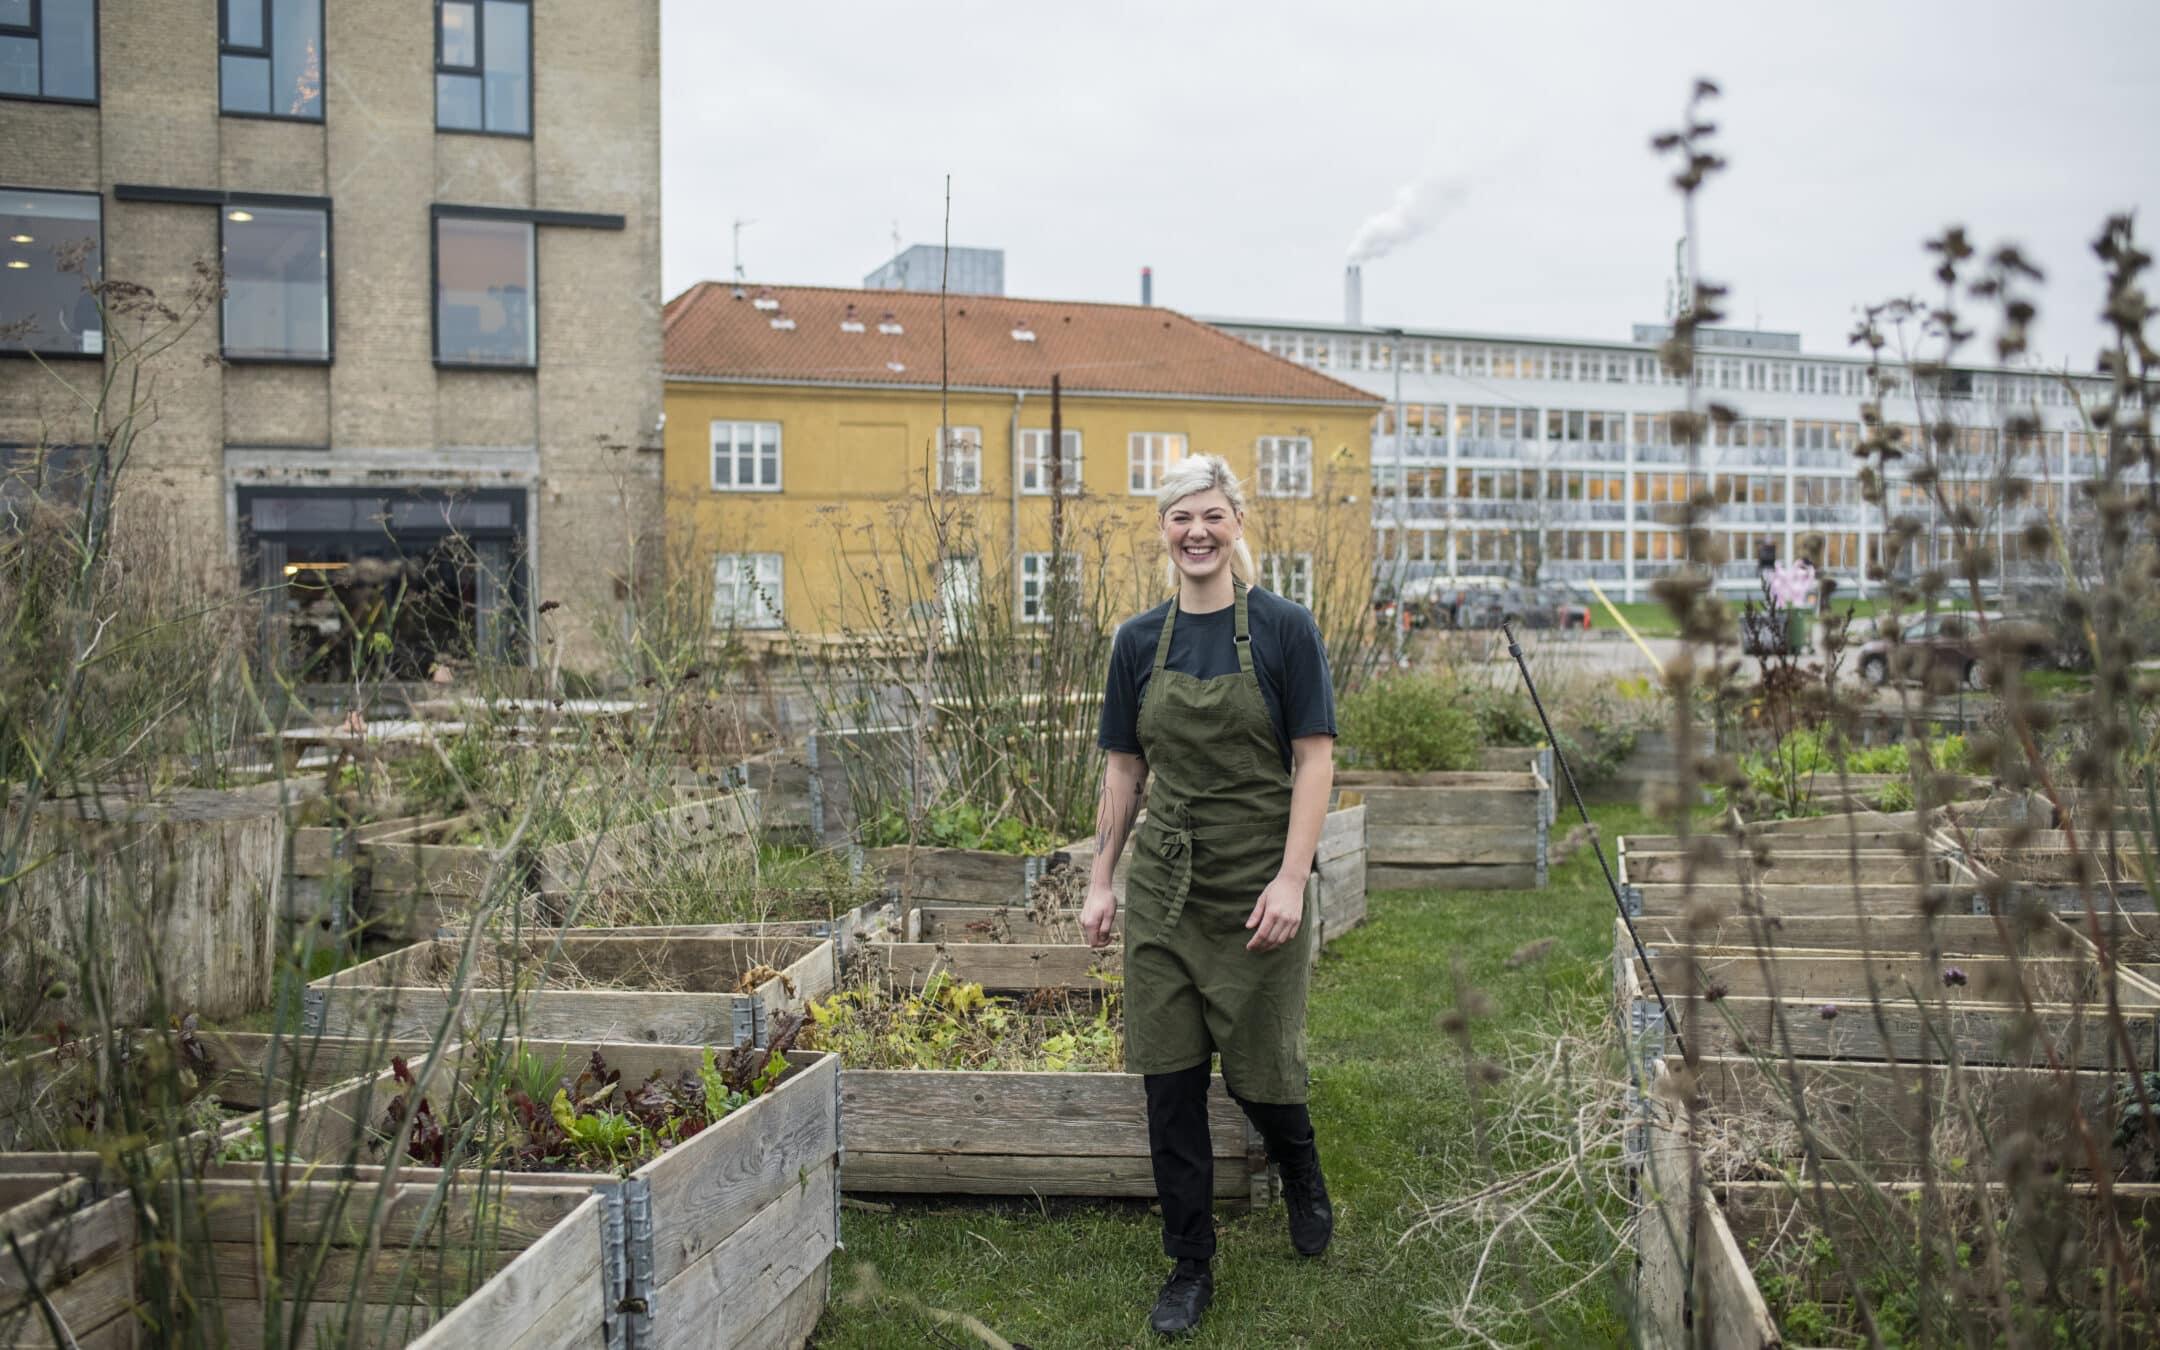 Generation Ø: Ost har en plads i fremtidens madkultur – men vi skal være opmærksomme på vores forbrug